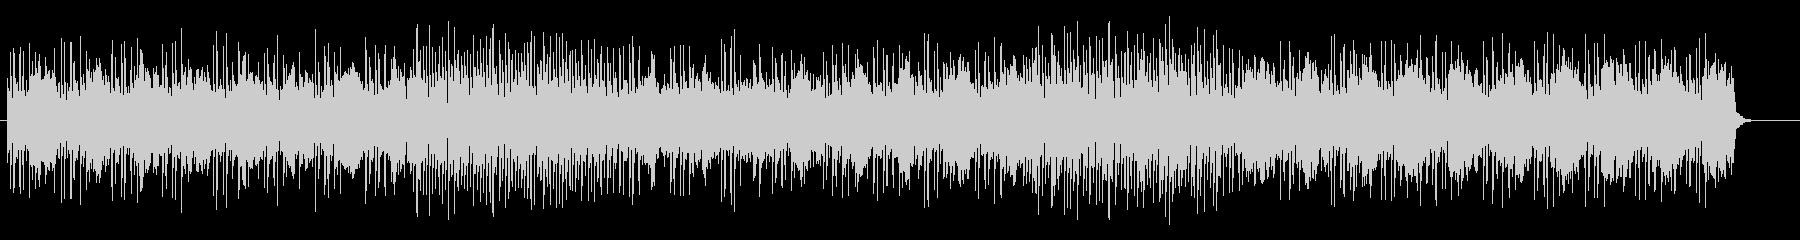 可愛くメルヘンなシンセサイザーサウンドの未再生の波形